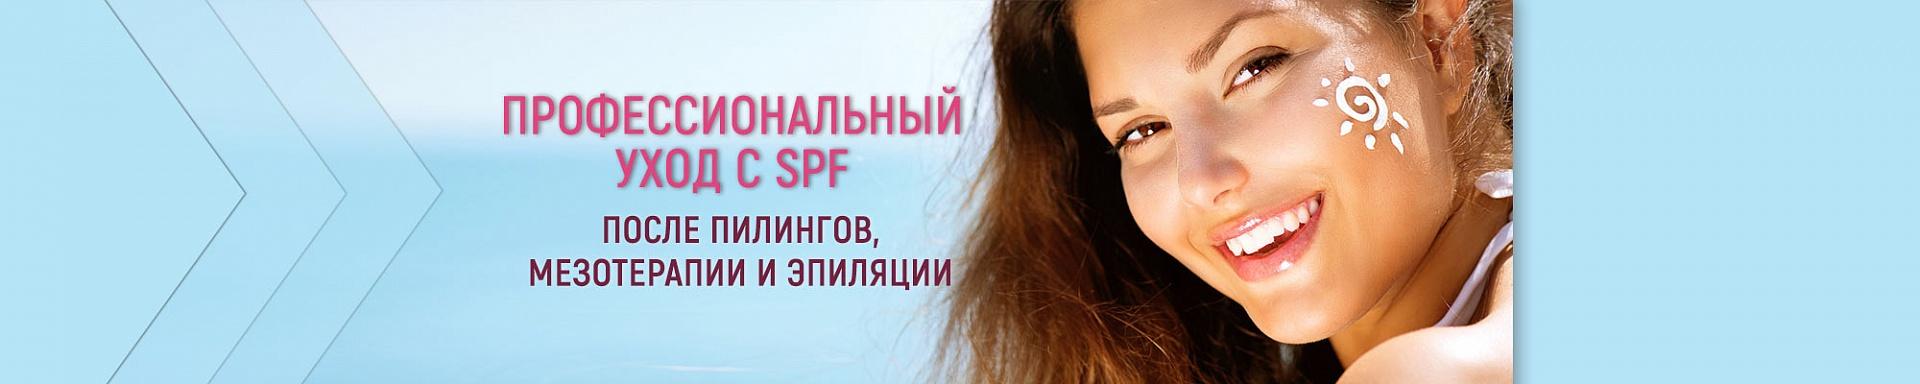 SPF-posle-slider